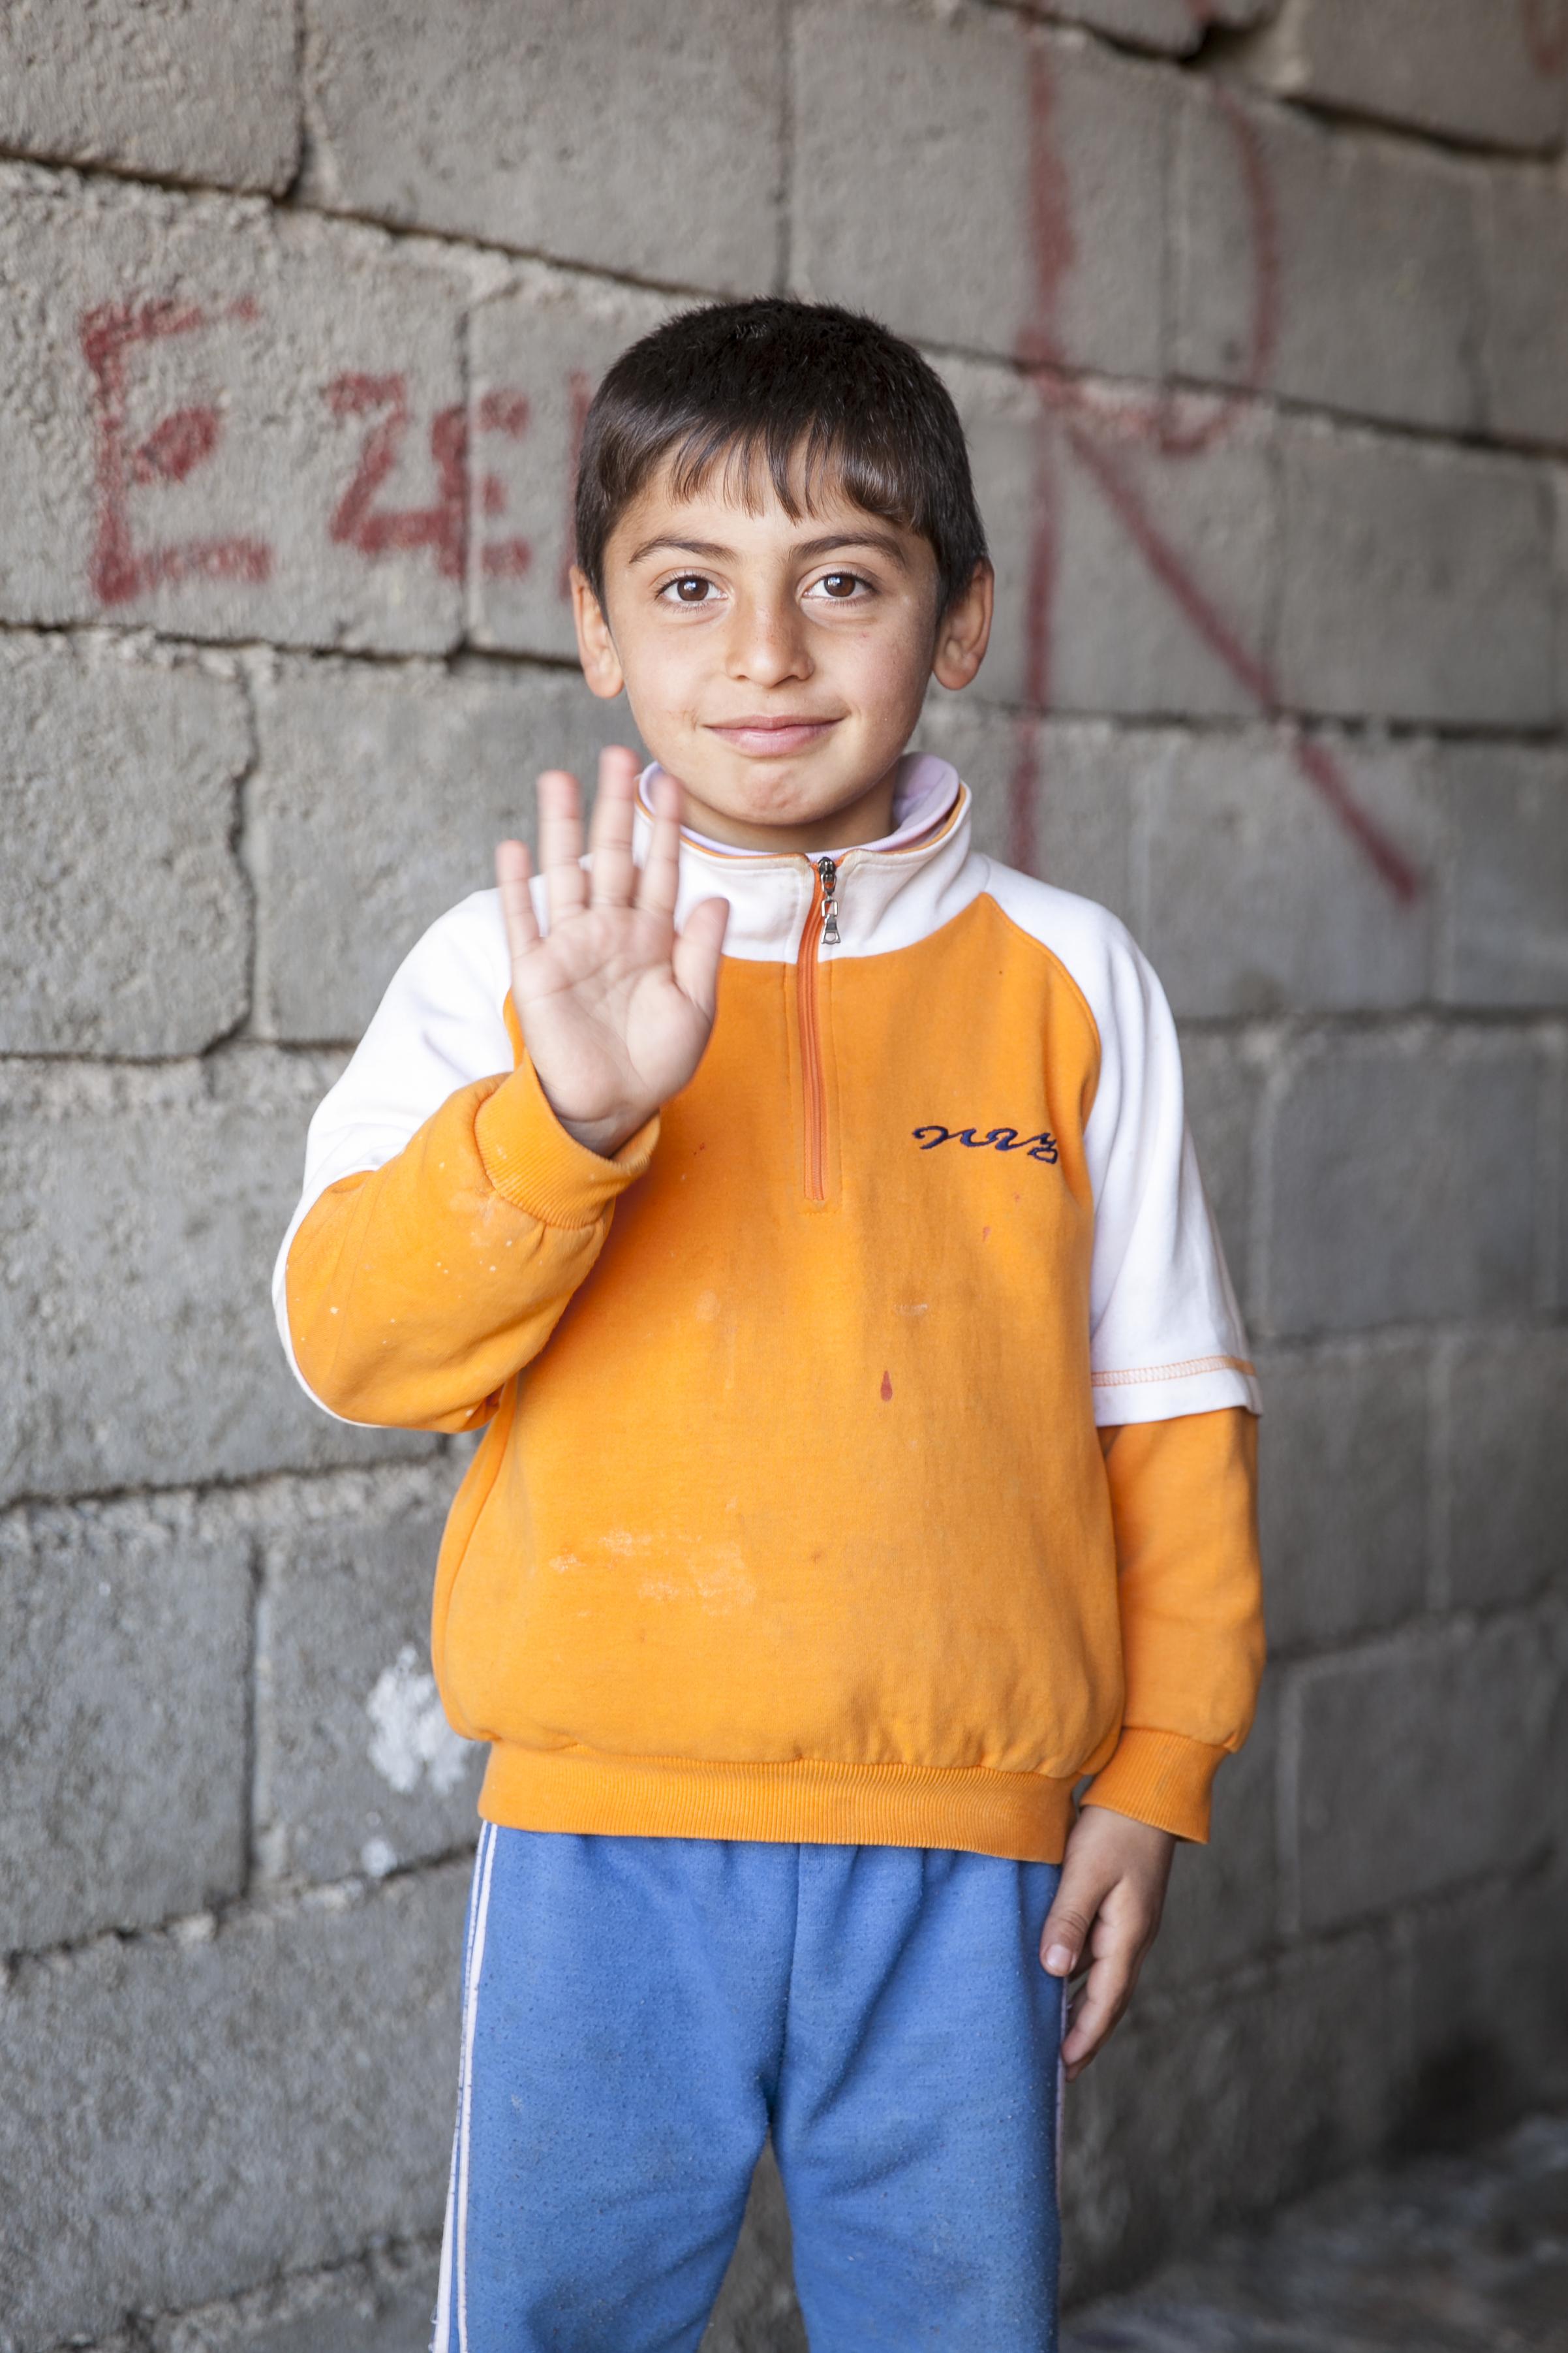 20141205_Refugee_GH_0280.jpg